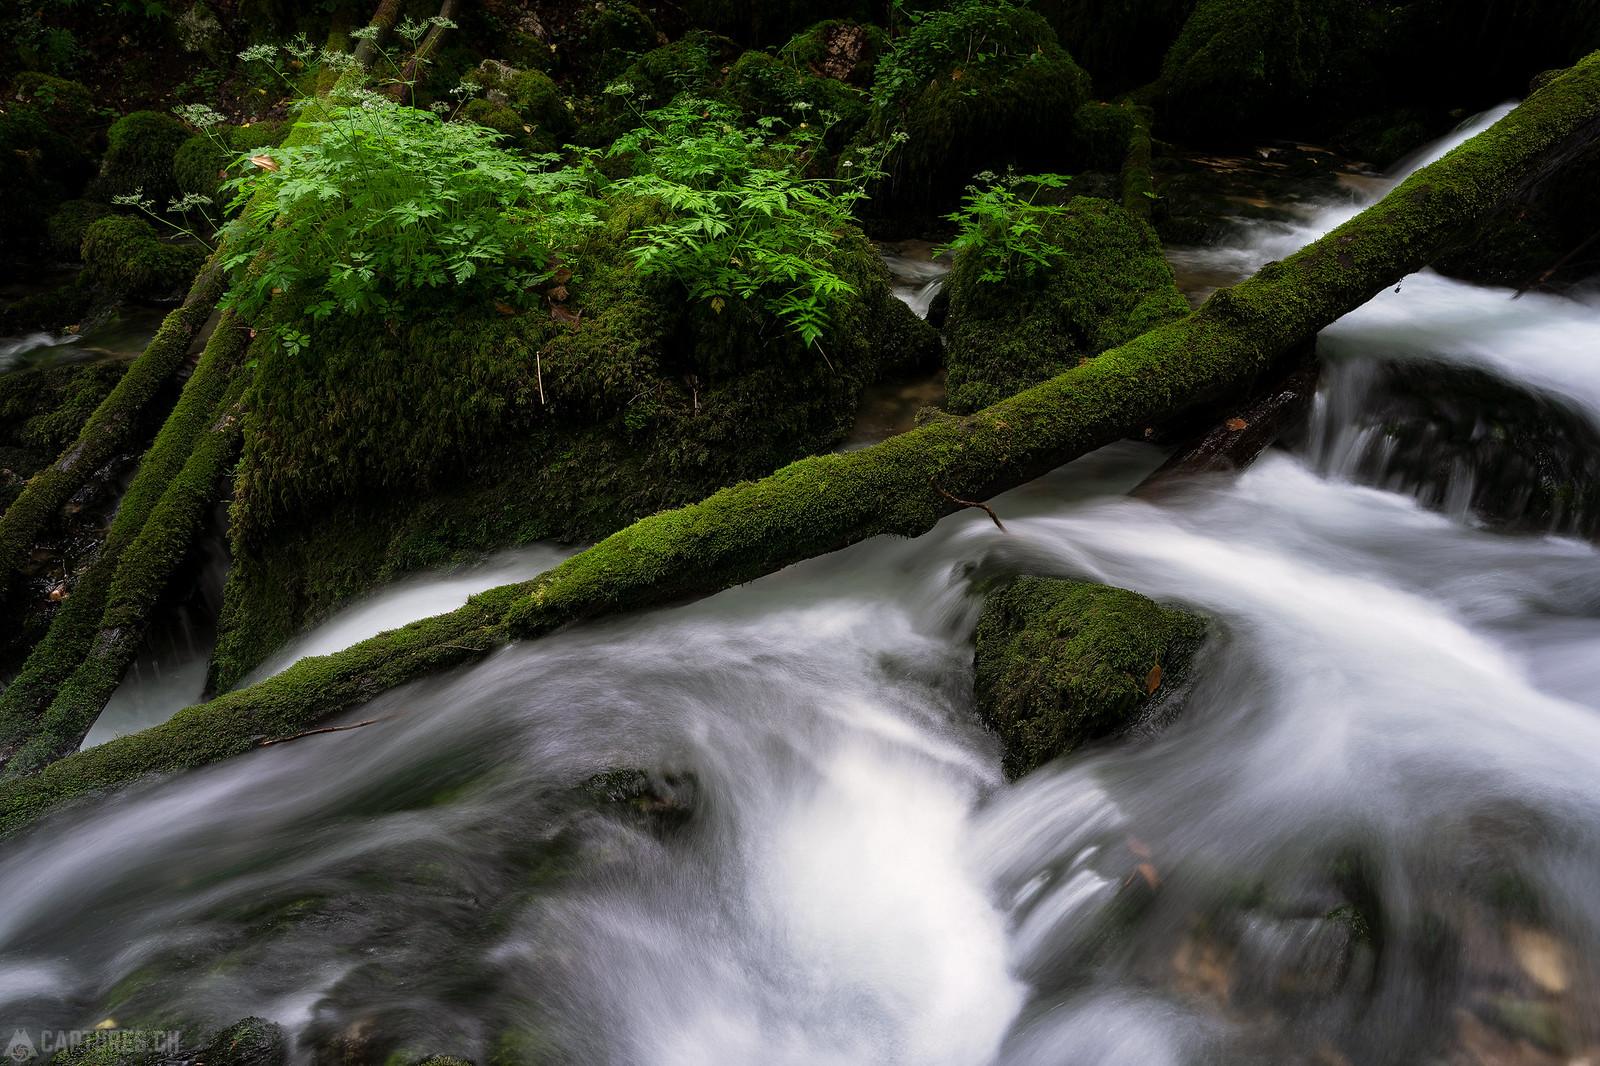 River - Gorges du Pichoux